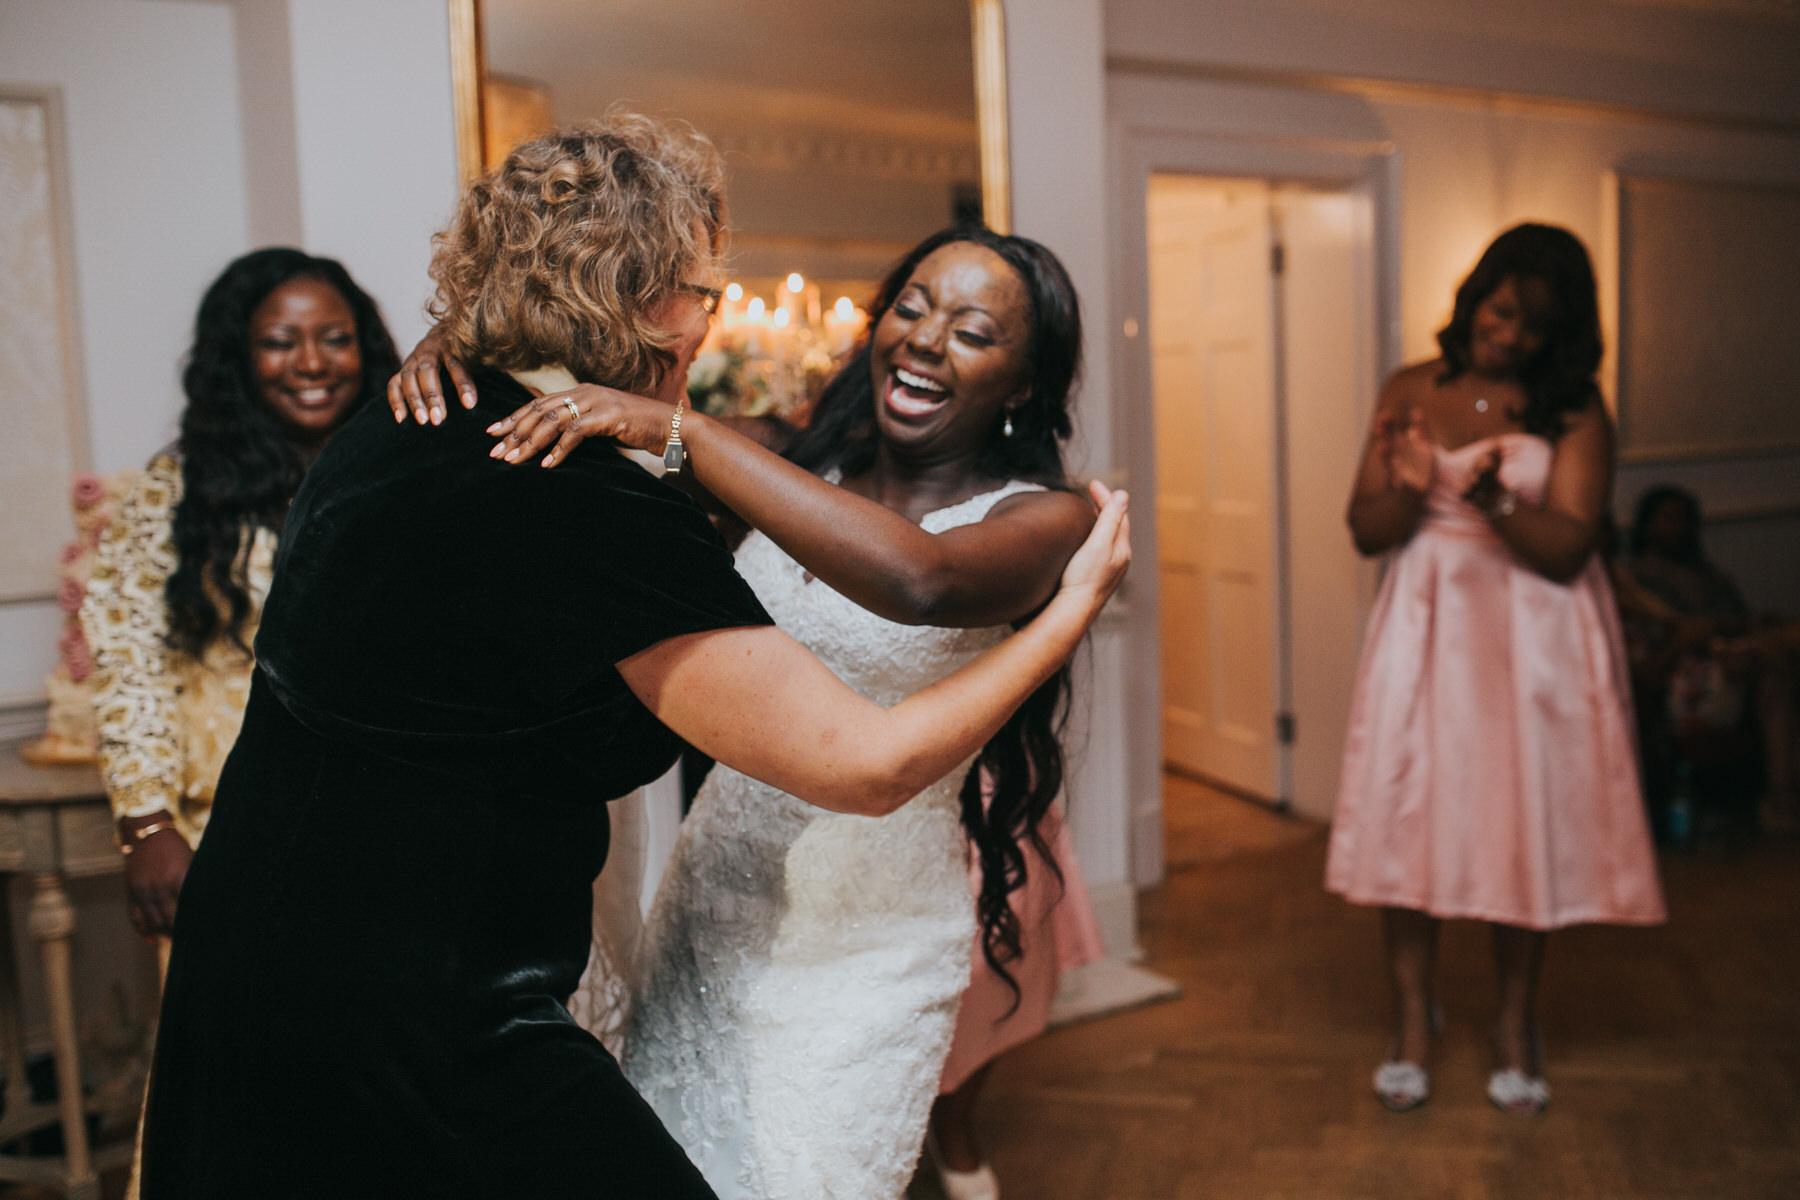 321-Belair House wedding first dance photos.jpg